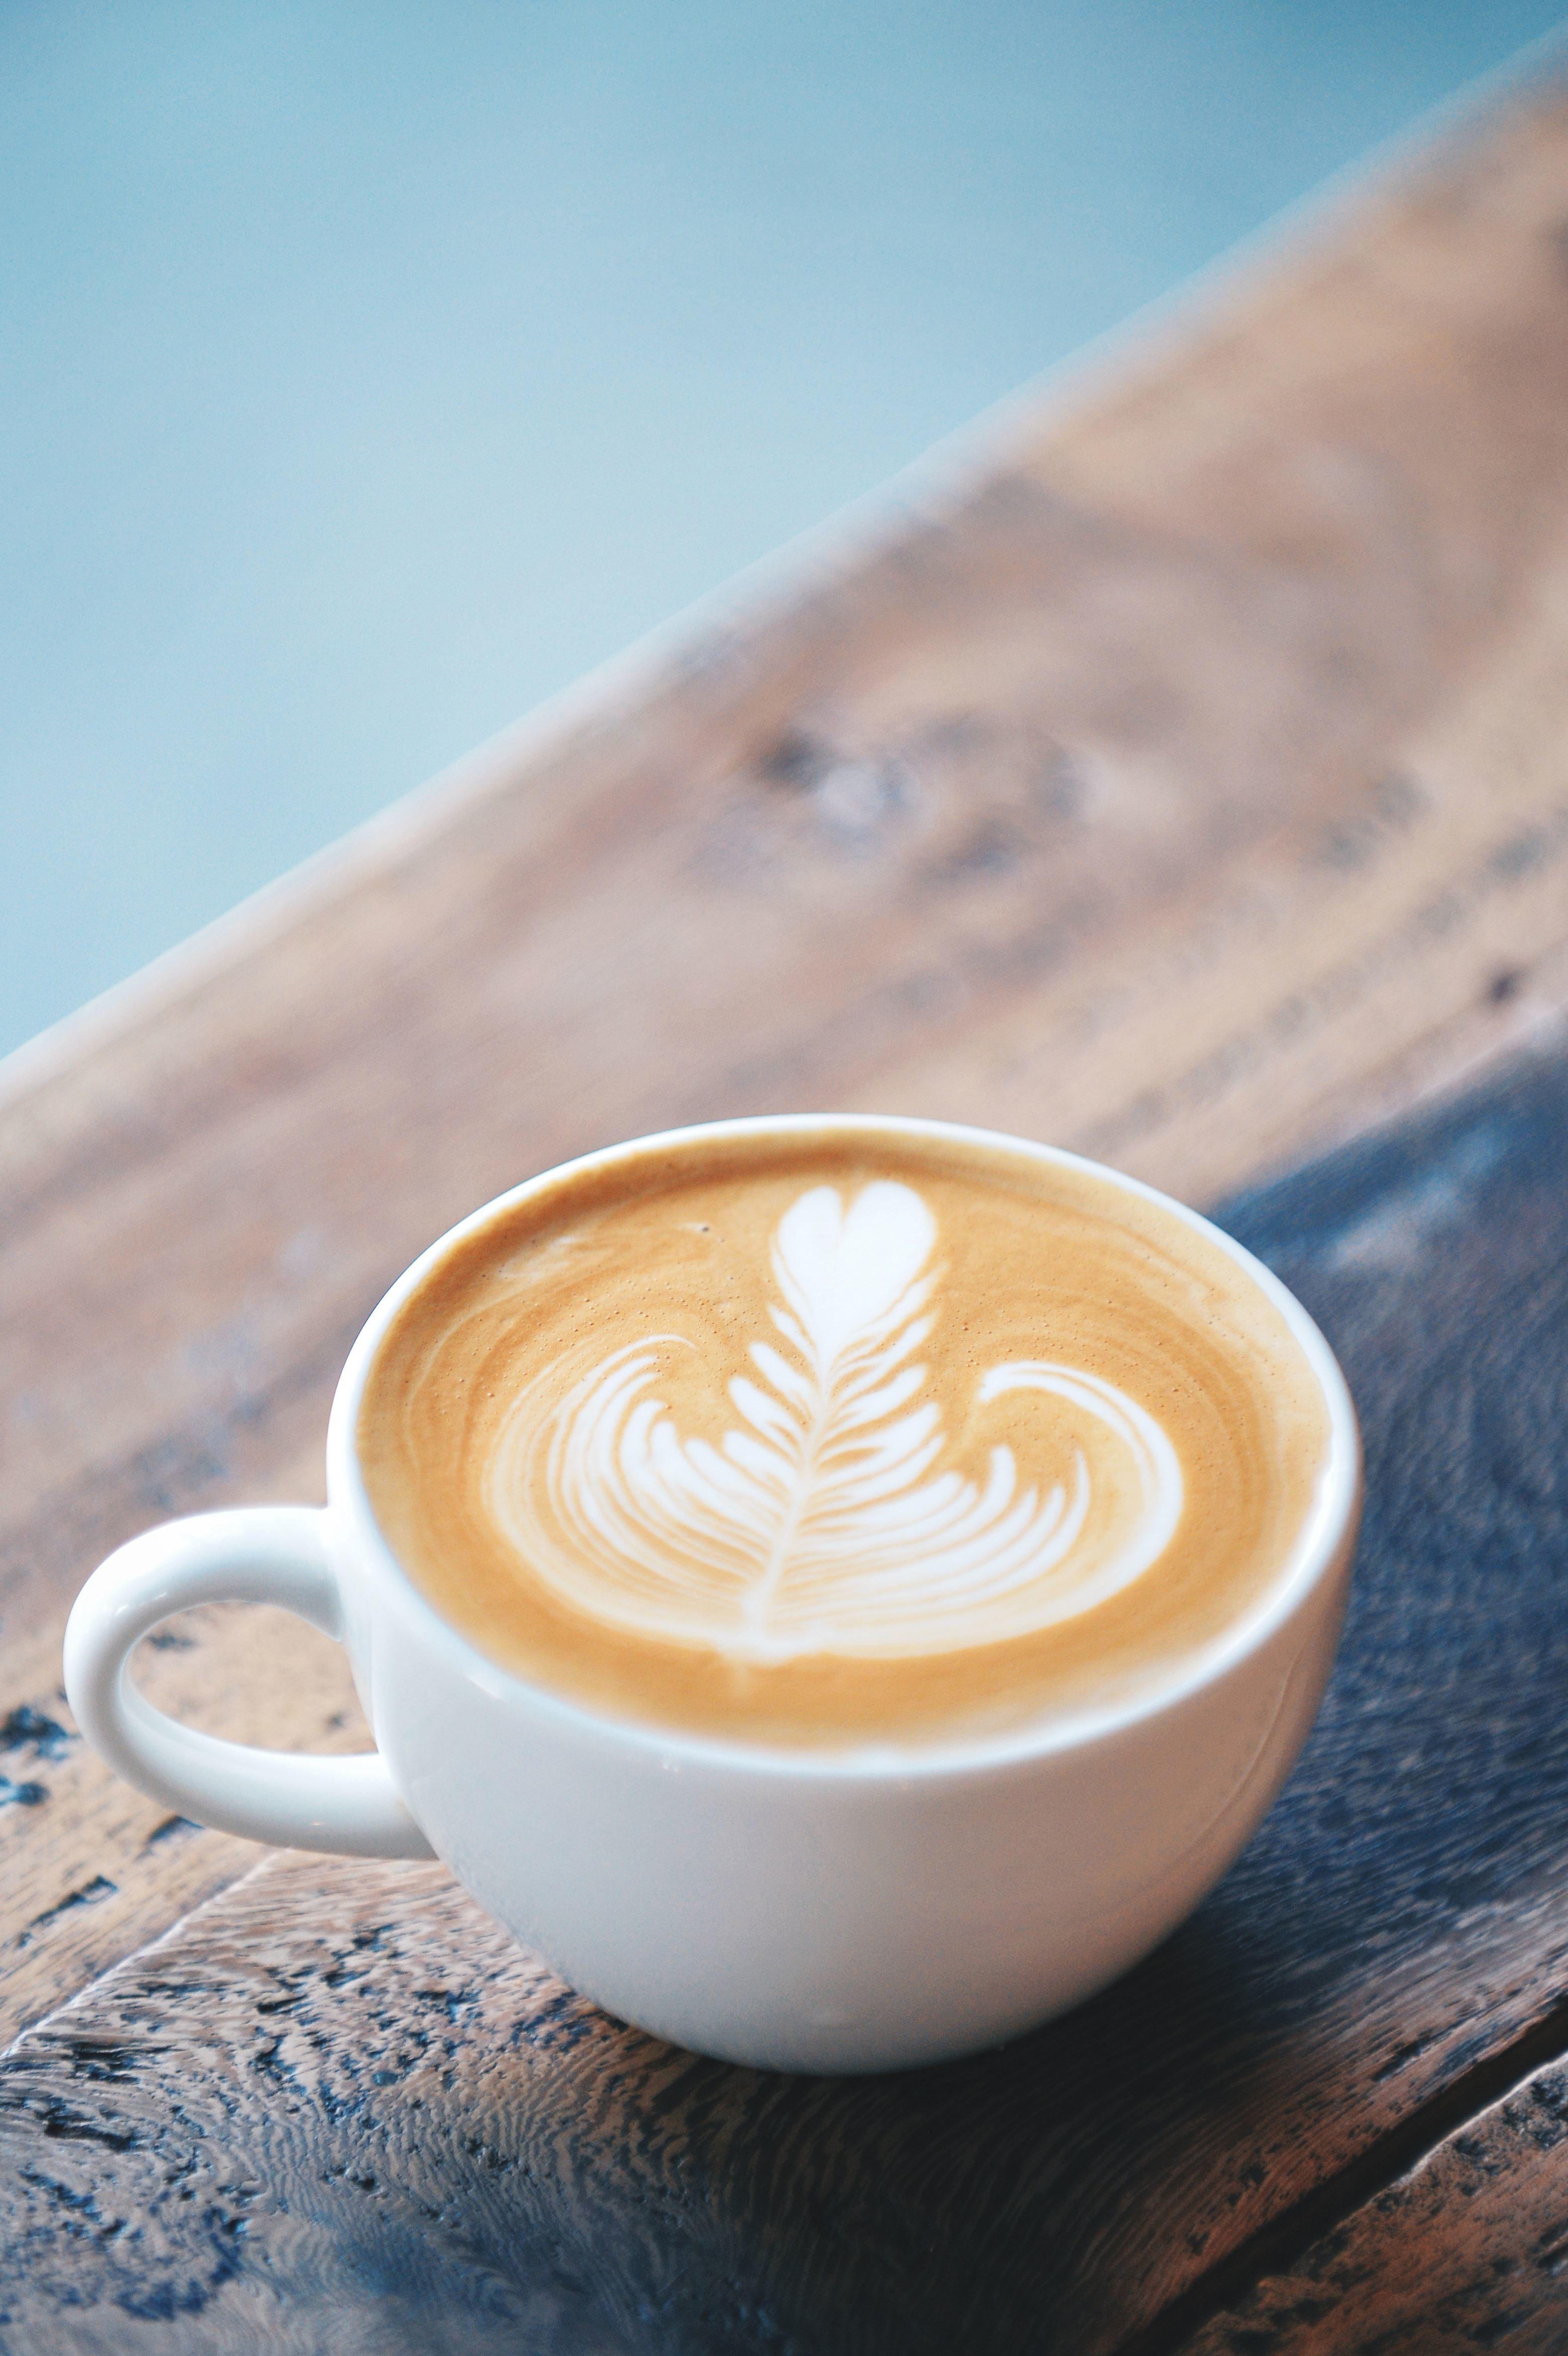 Imagen gratis leche taza de caf mesa madera bebida